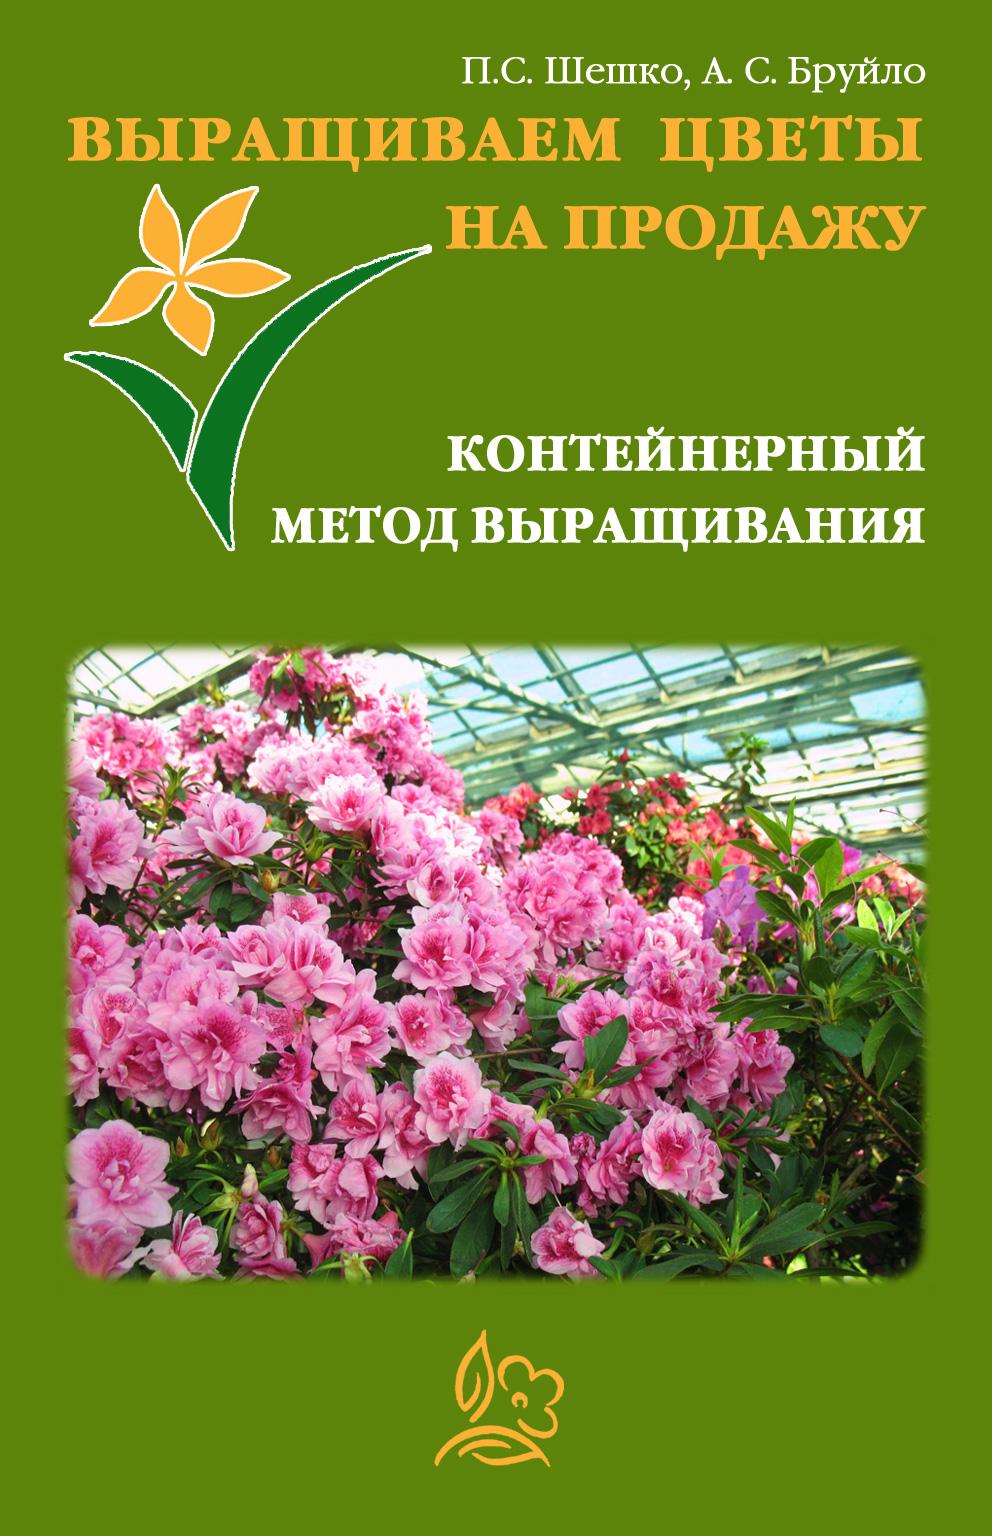 Выращиваем цветы на продажу. Контейнерный метод выращивания